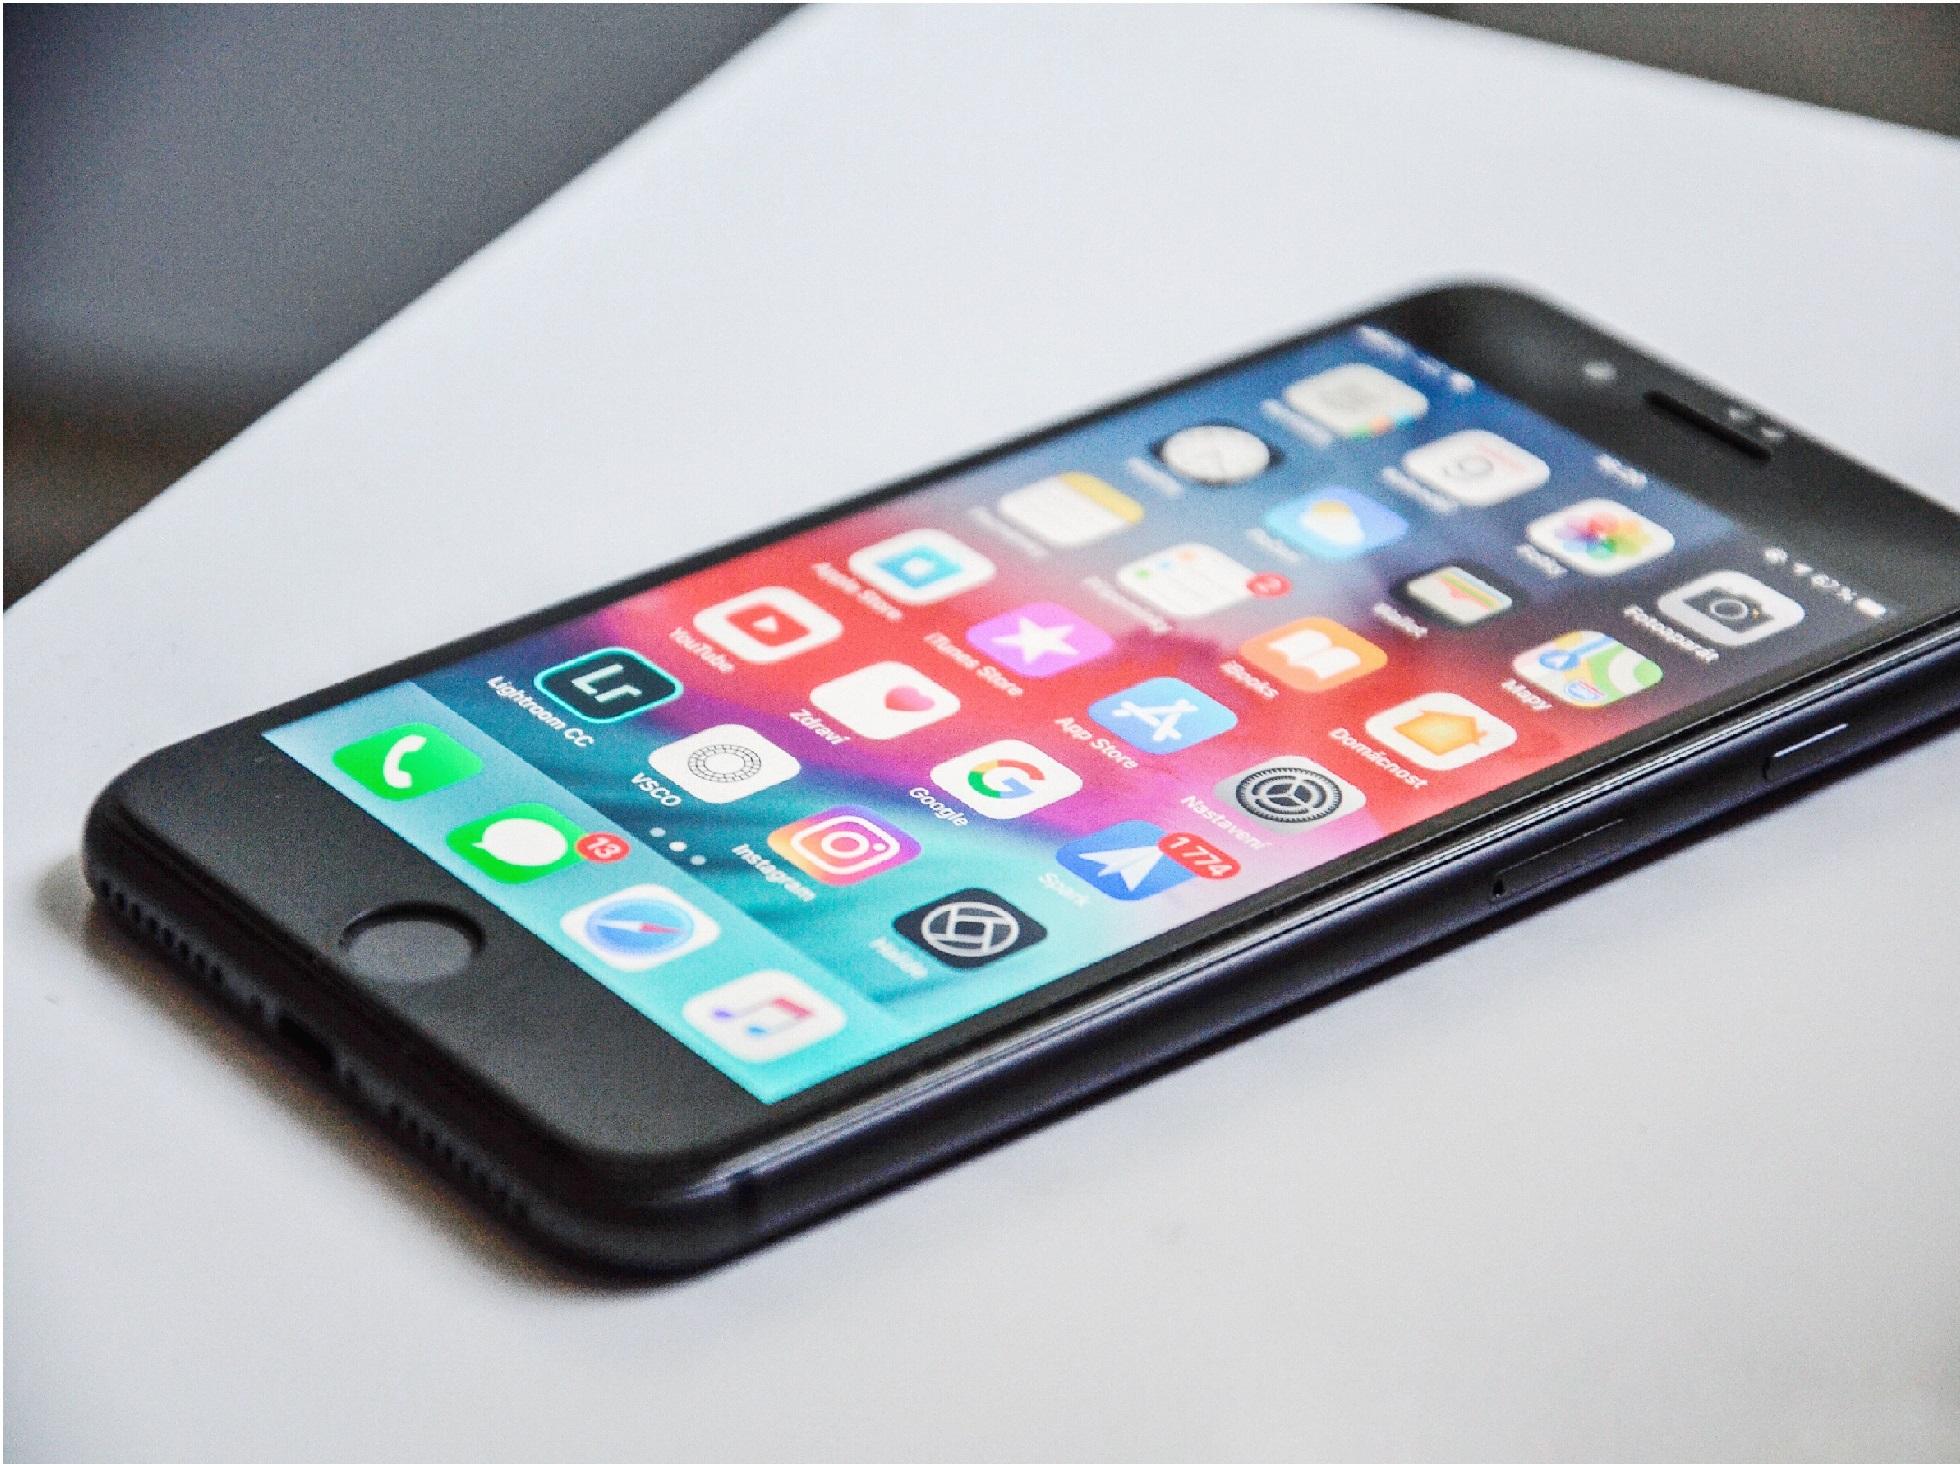 7 Zoll Handy: Test & Empfehlungen (07/20)